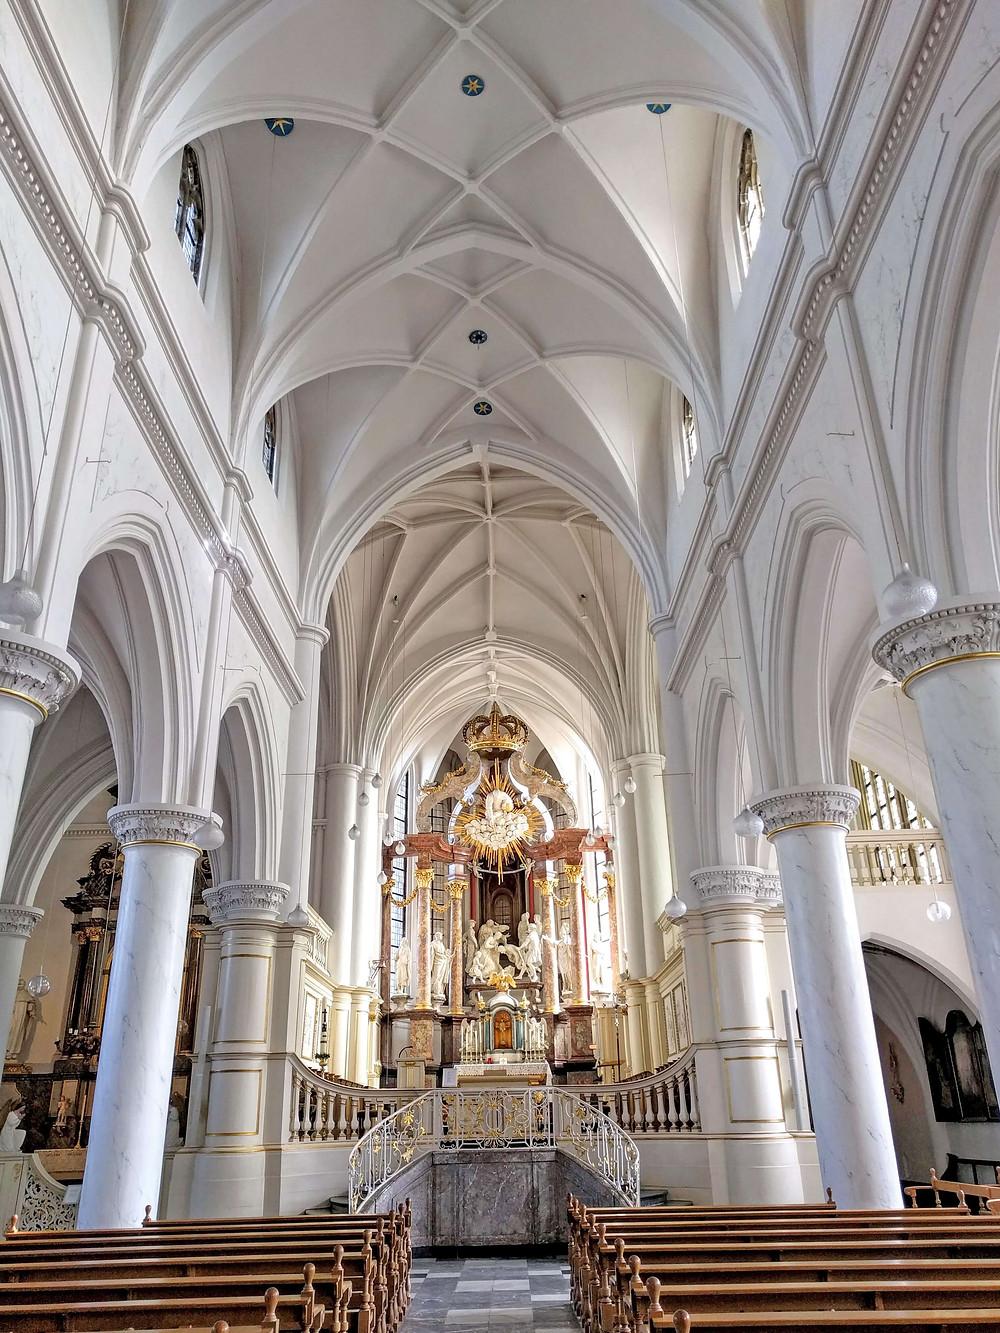 הכנסיהנכללת ברשימת 500 האוביקטים האומנותיים החשובים בהולנד